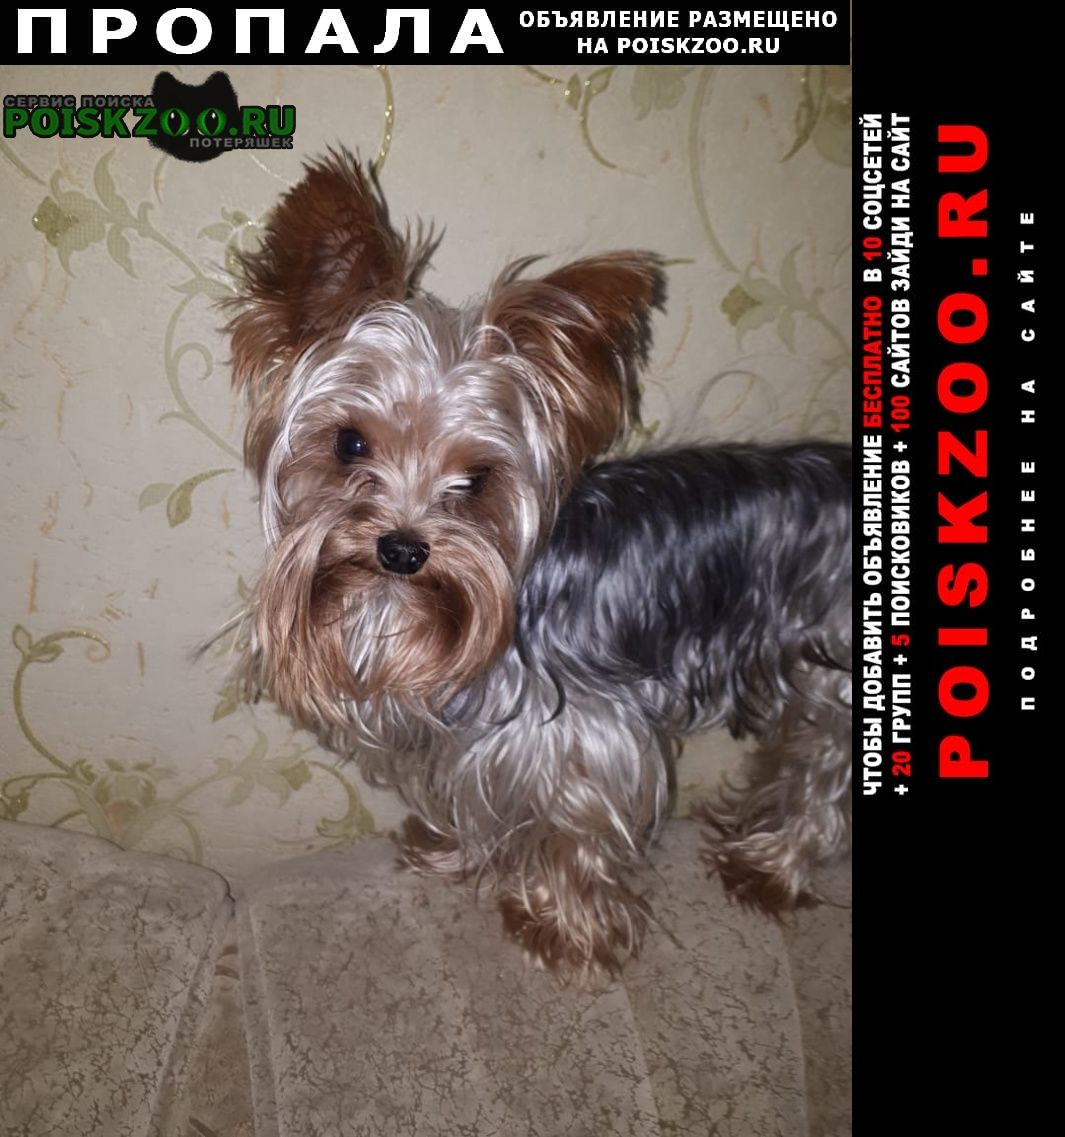 Пропала собака кобель йорк. красный камень 4 июня. Киселевск